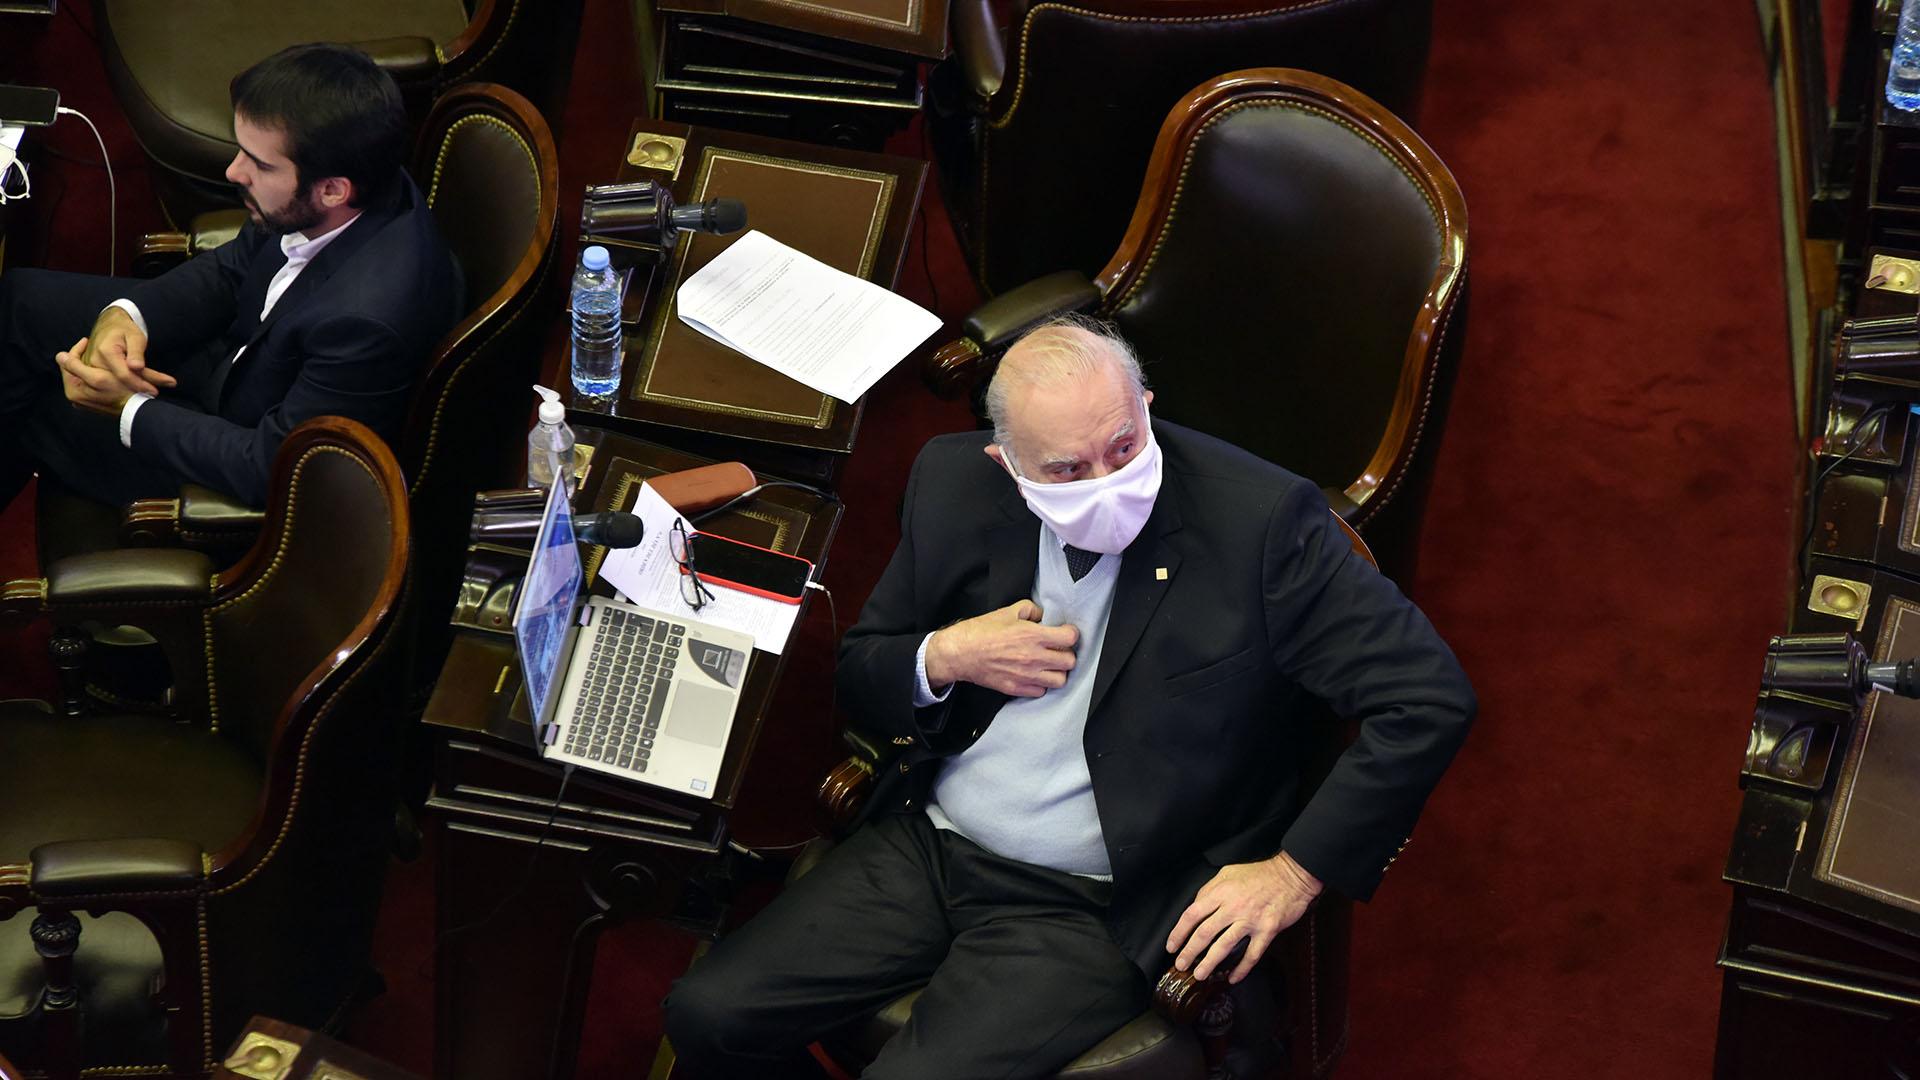 Tanto en el Senado como en Diputados, previo al inicio de la sesión, los legisladores se presentaron con sus correspondientes tapabocas